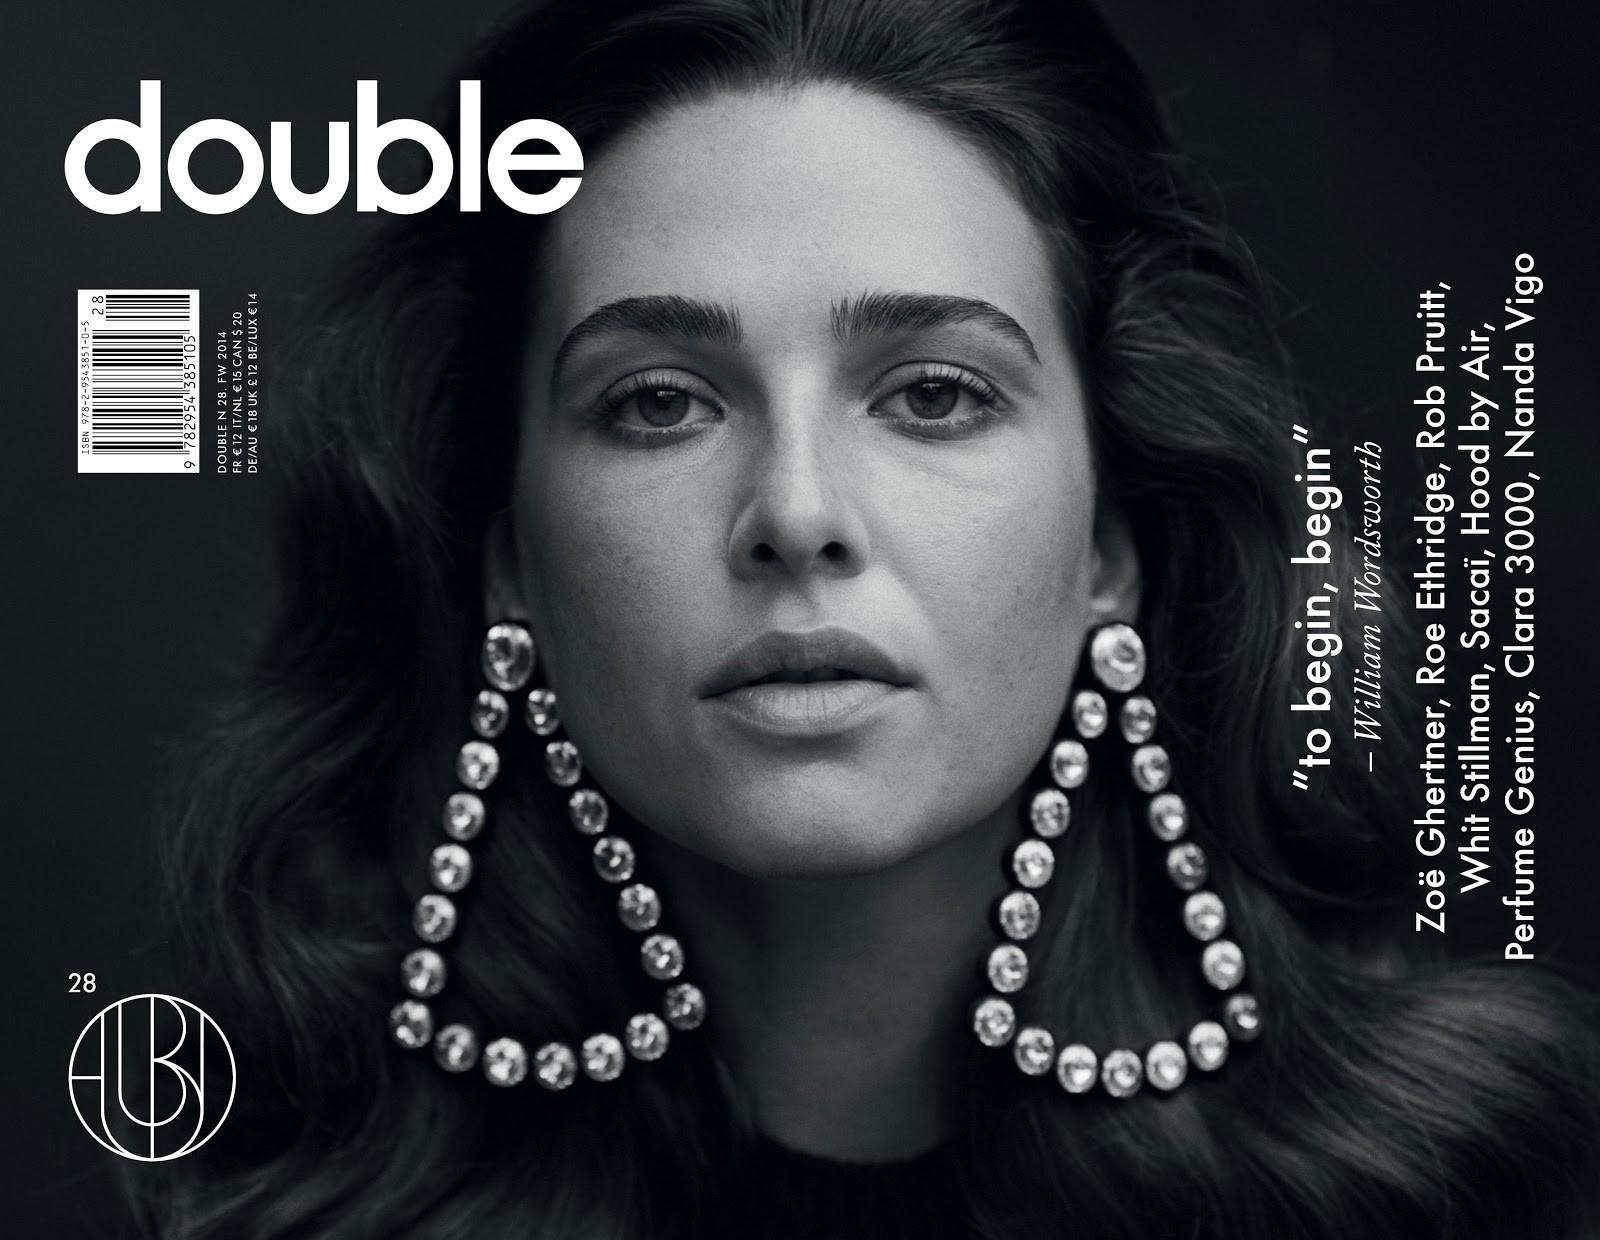 Double Magazine